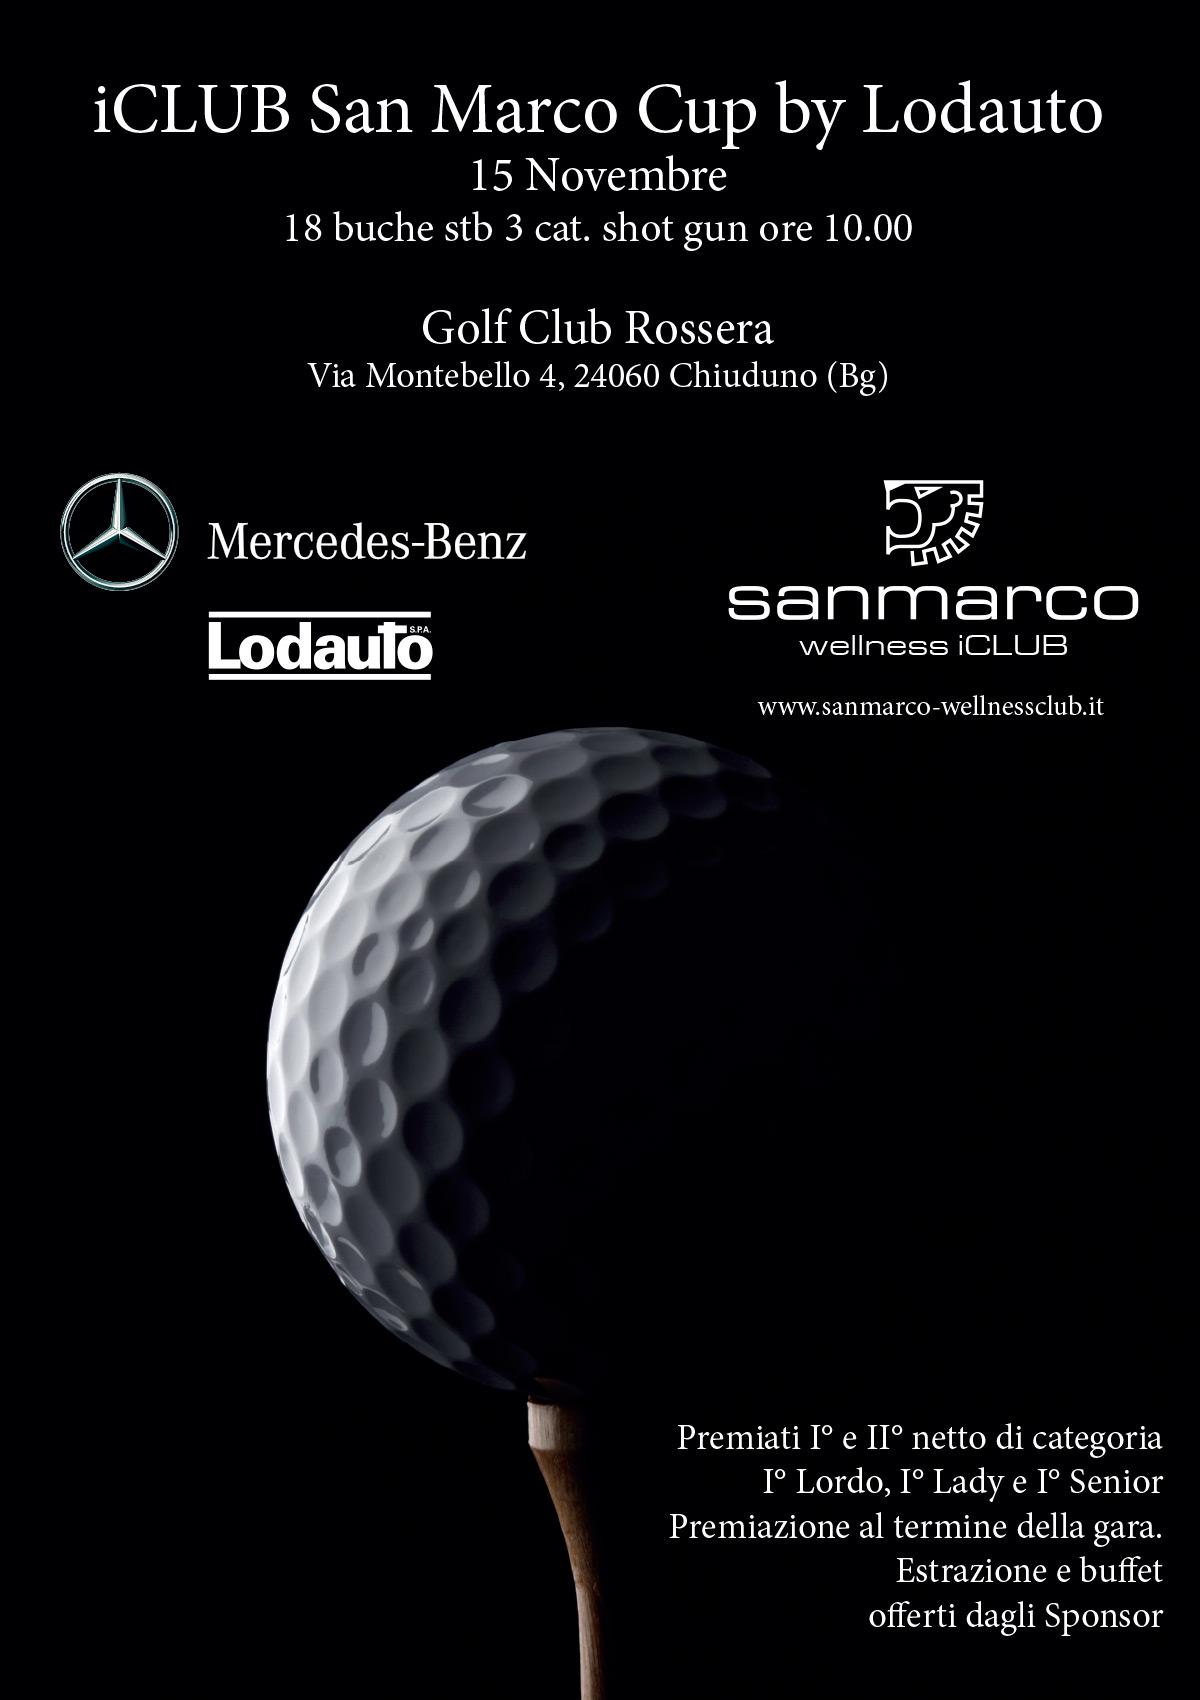 iClub San Marco Cup by Lodauto - Locandina